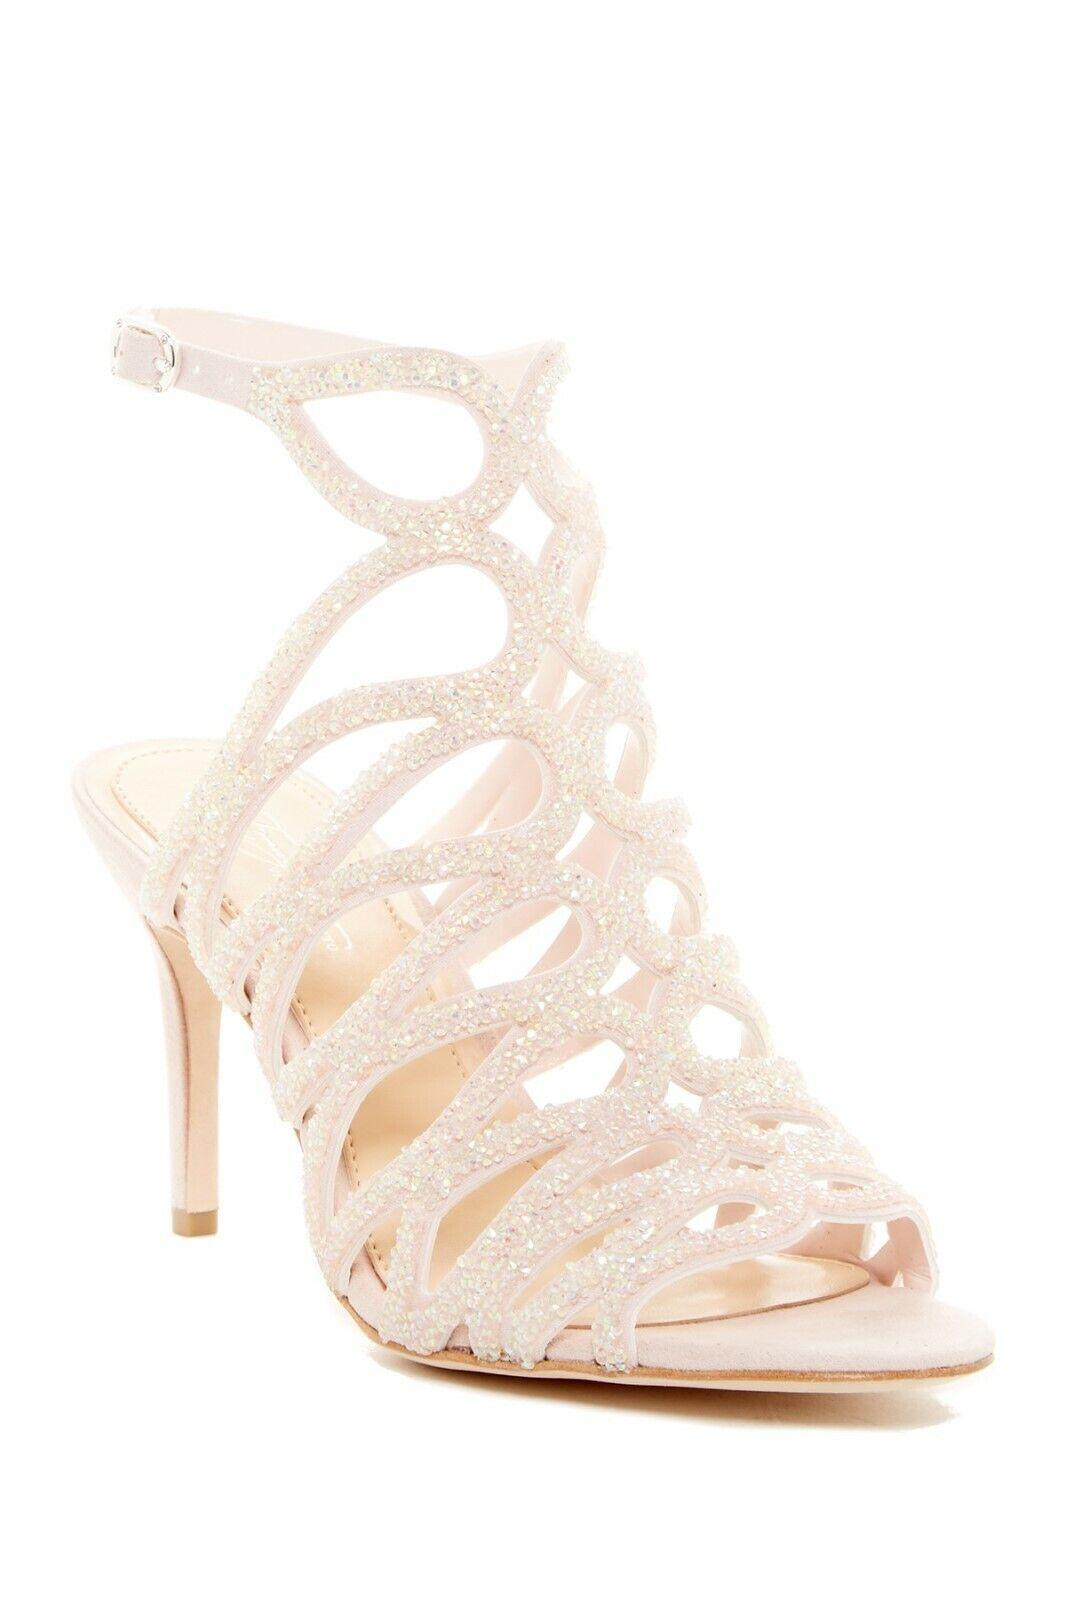 Imagine Vince Camuto Glitter Cage Dress Sandal Size 11M Light Pink, MSRP